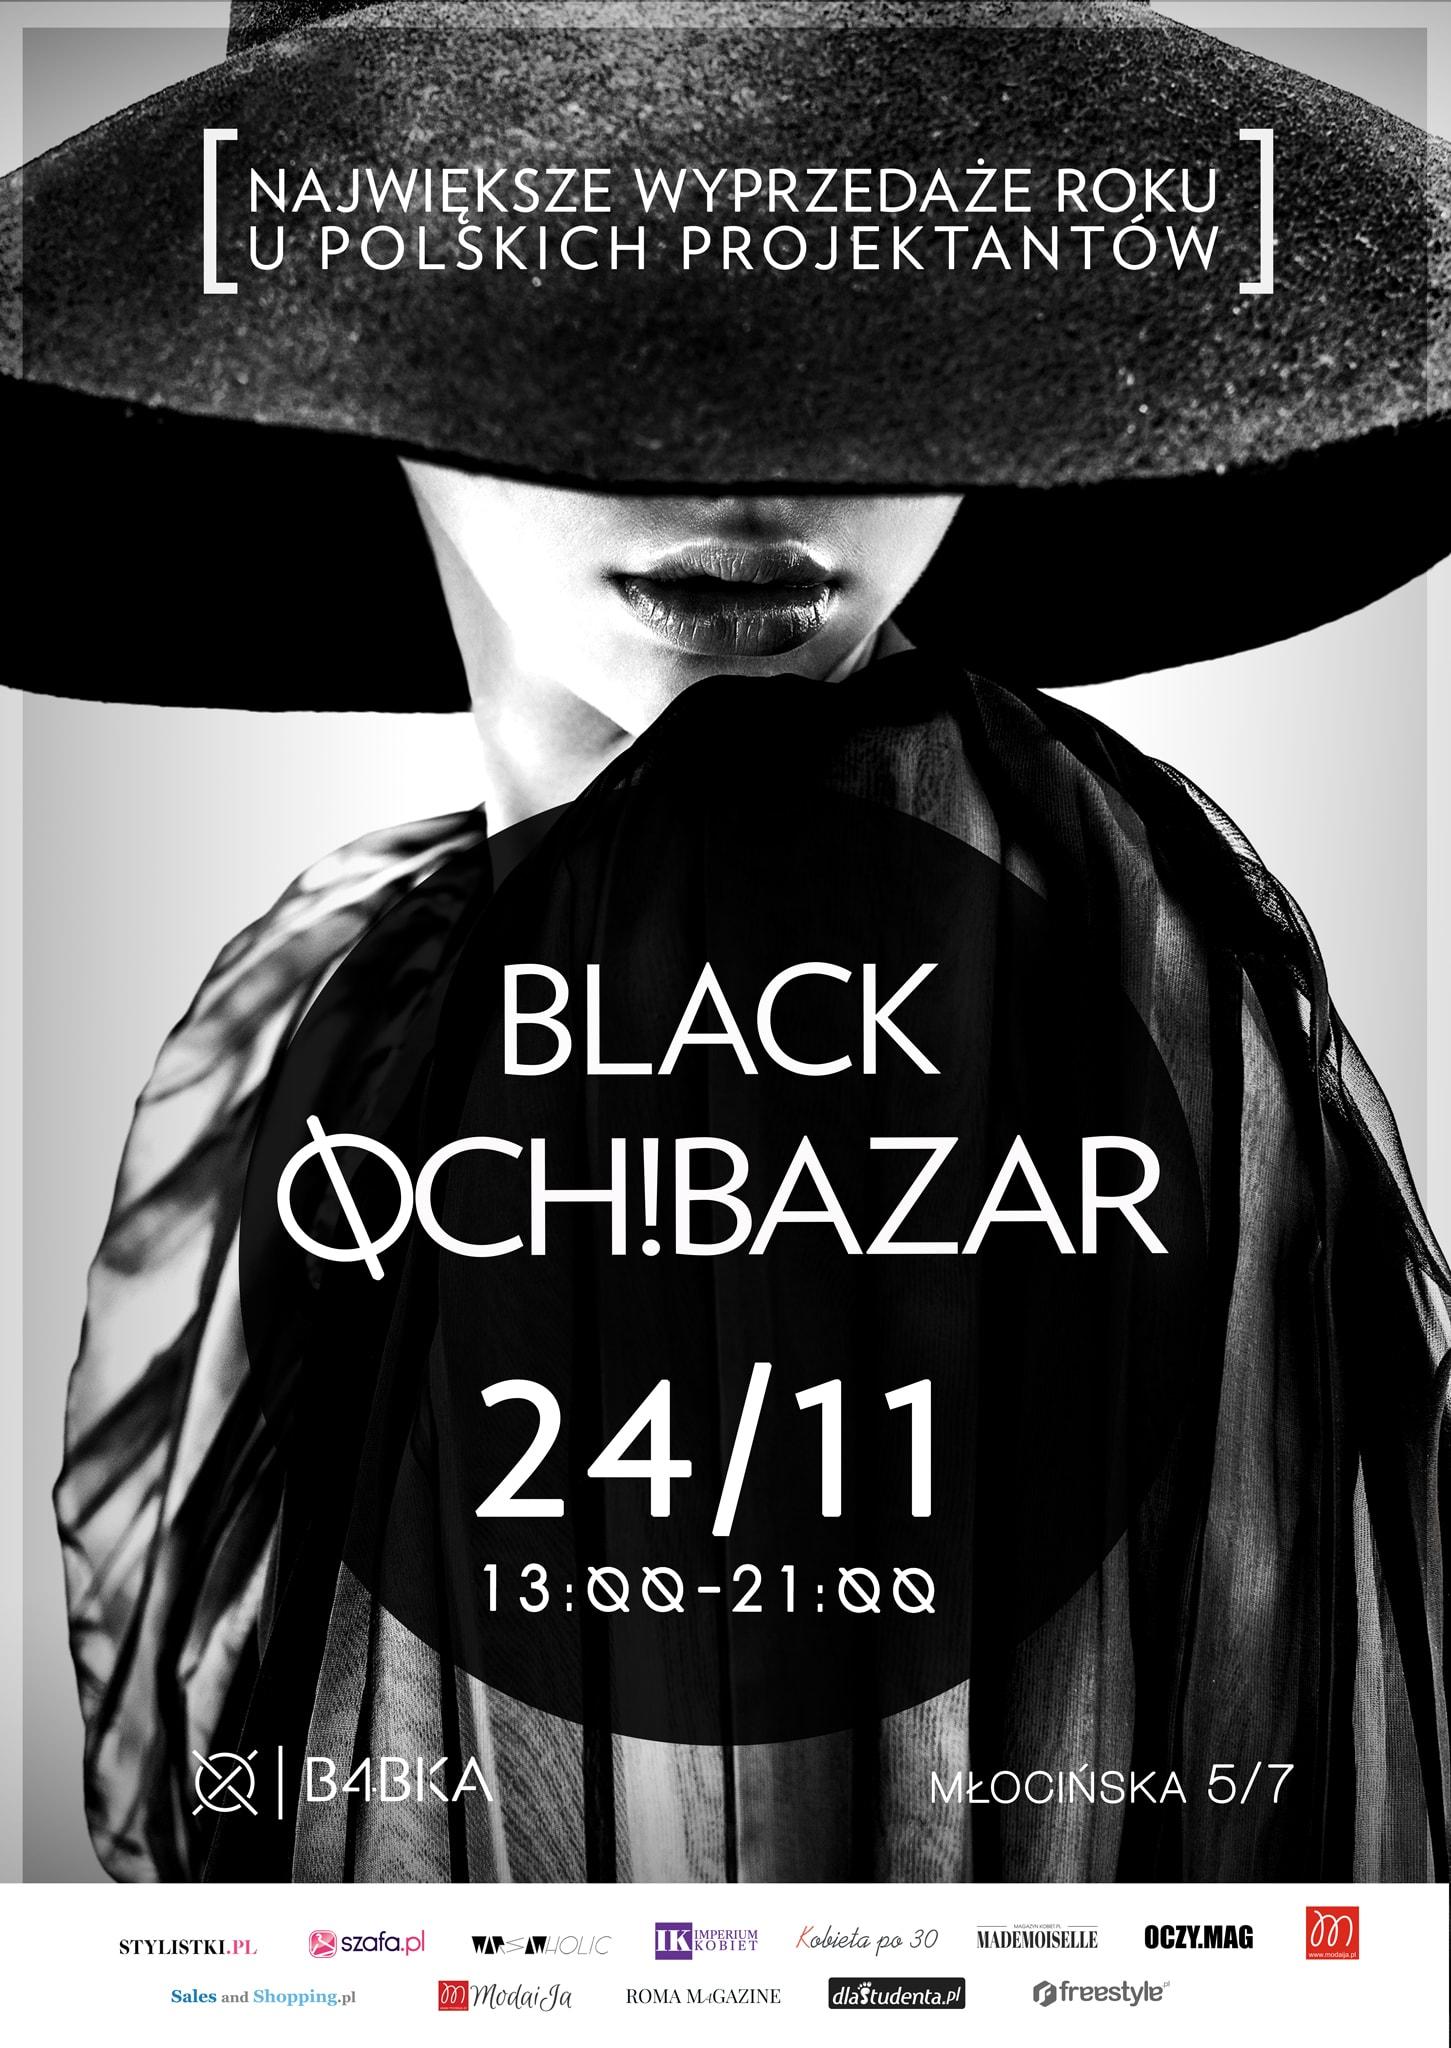 BLACK OCH! BAZAR - czyli największe wyprzedaże roku podczas #BLACKFRIDAY